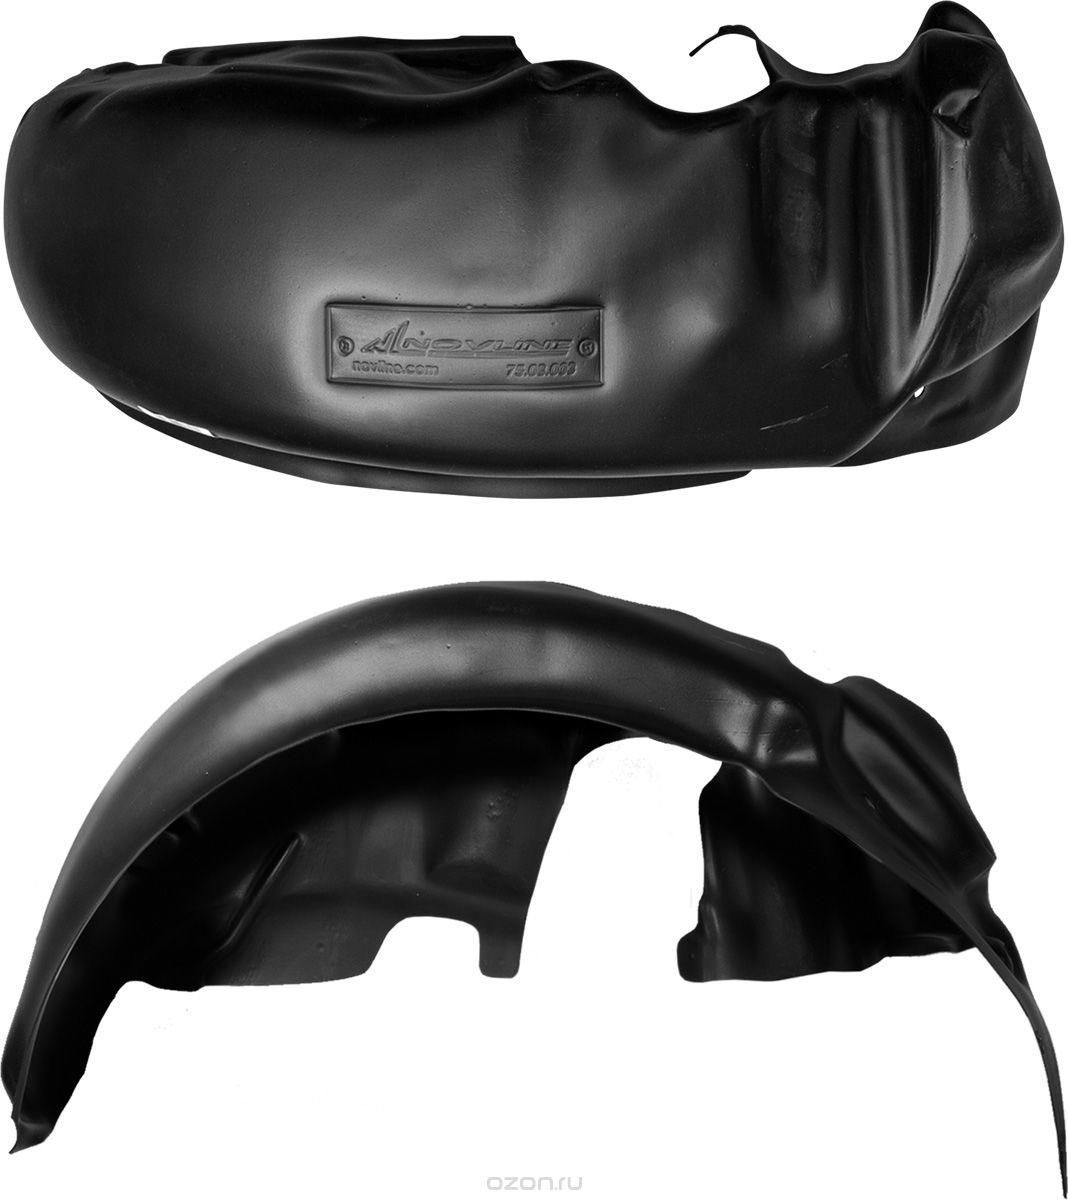 Подкрылок Novline-Autofamily, для TOYOTA Venza , 2013->, передний левыйVCA-00Идеальная защита колесной ниши. Локеры разработаны с применением цифровых технологий, гарантируют максимальную повторяемость поверхности арки. Изделия устанавливаются без нарушения лакокрасочного покрытия автомобиля, каждый подкрылок комплектуется крепежом. Уважаемые клиенты, обращаем ваше внимание, что фотографии на подкрылки универсальные и не отражают реальную форму изделия. При этом само изделие идет точно под размер указанного автомобиля.